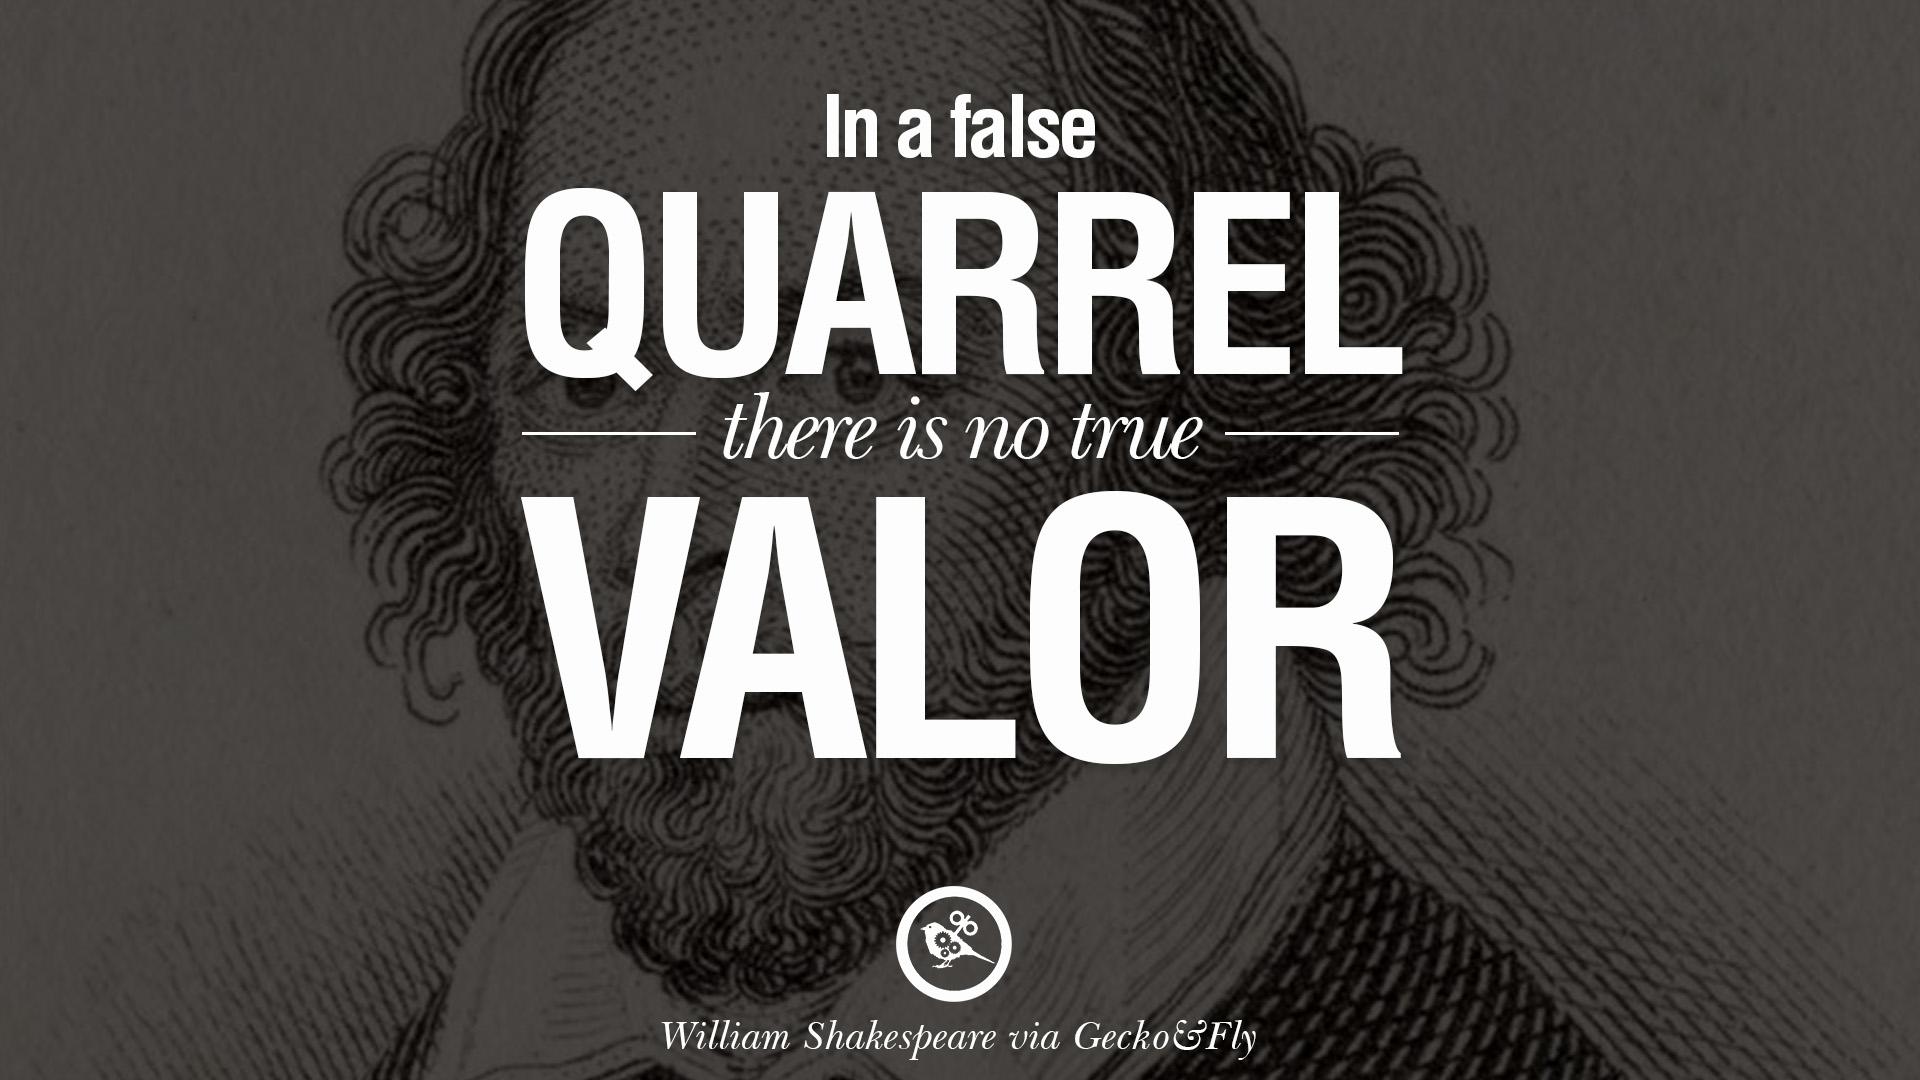 shakespeare death quotes life quotesgram